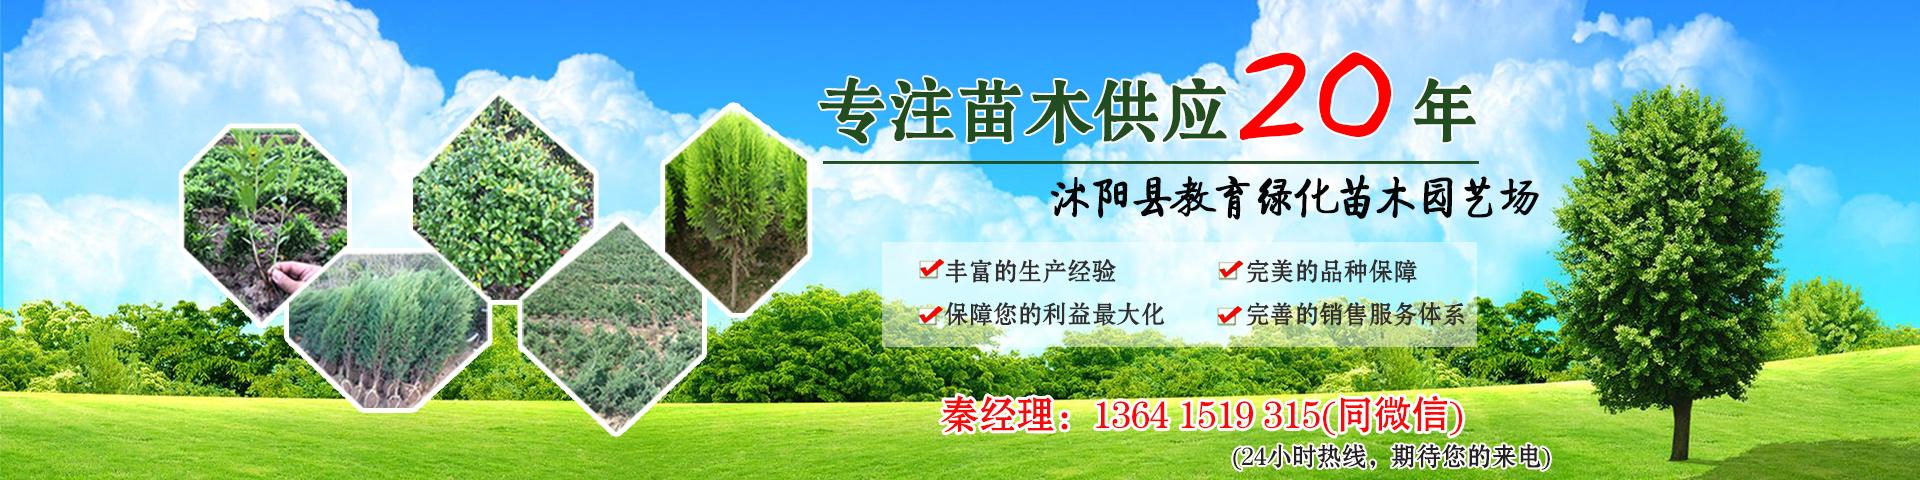 沭阳县教育绿化苗木园艺场